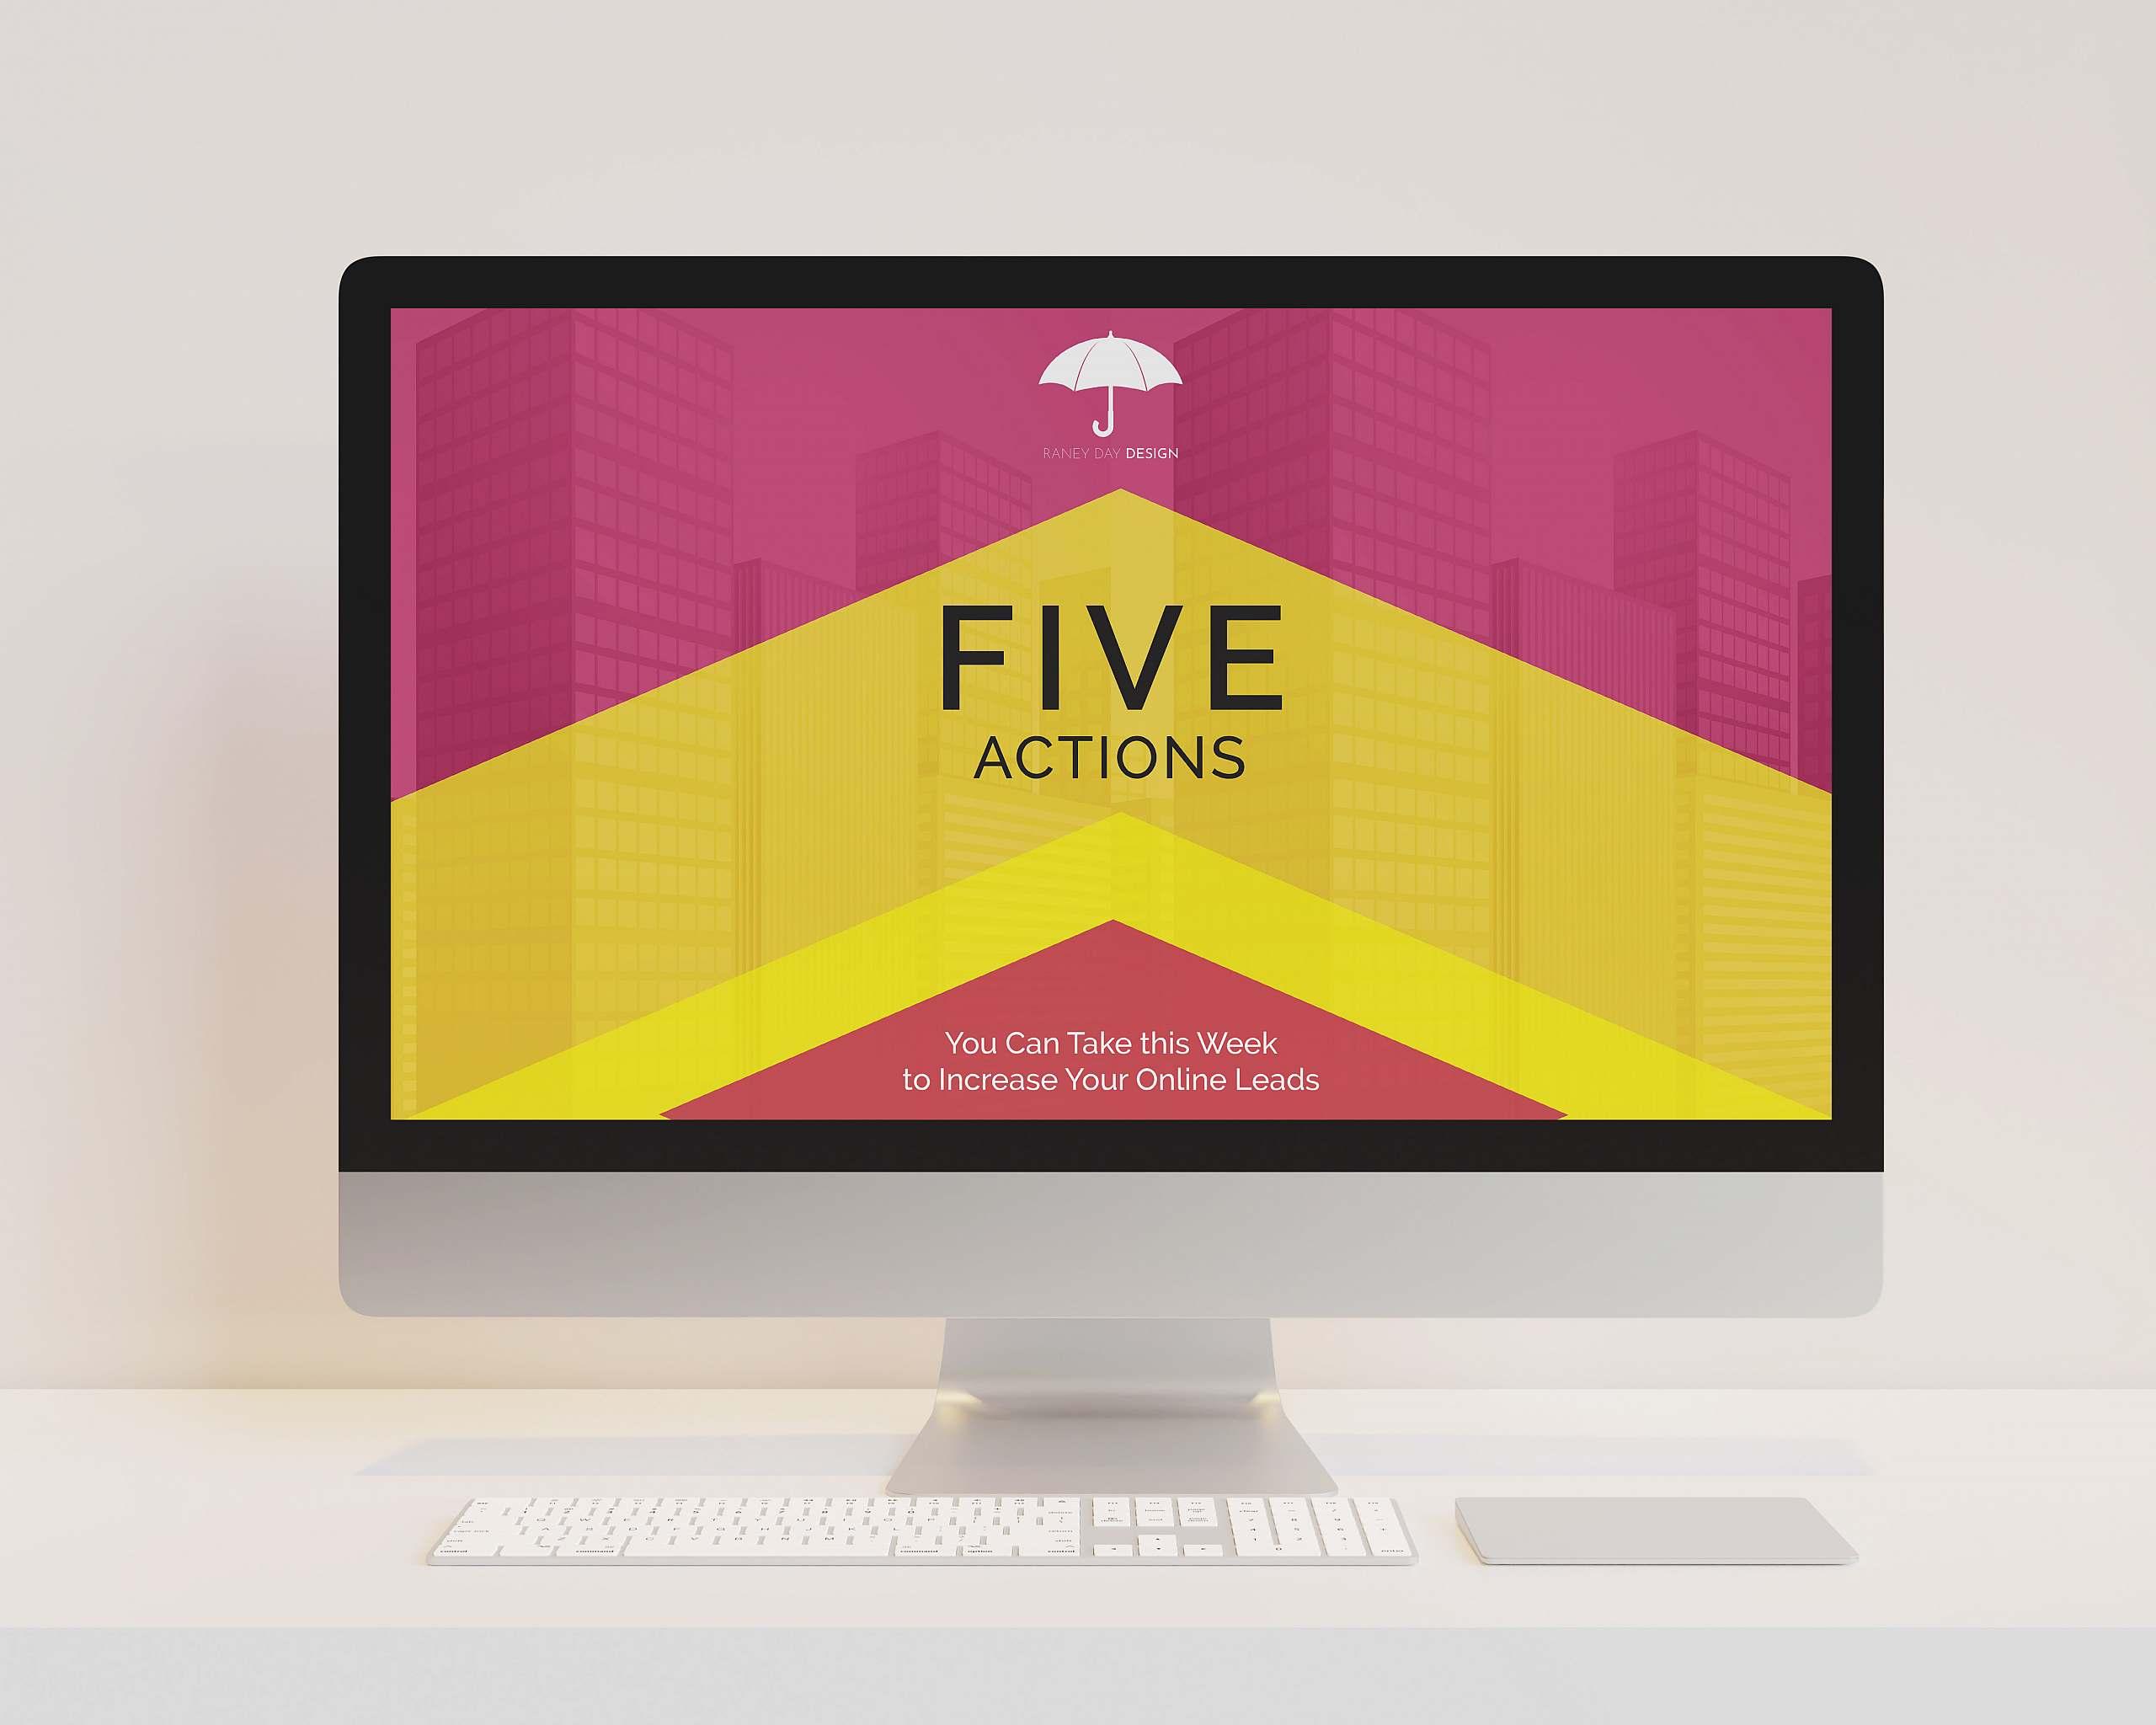 fie actions ebook